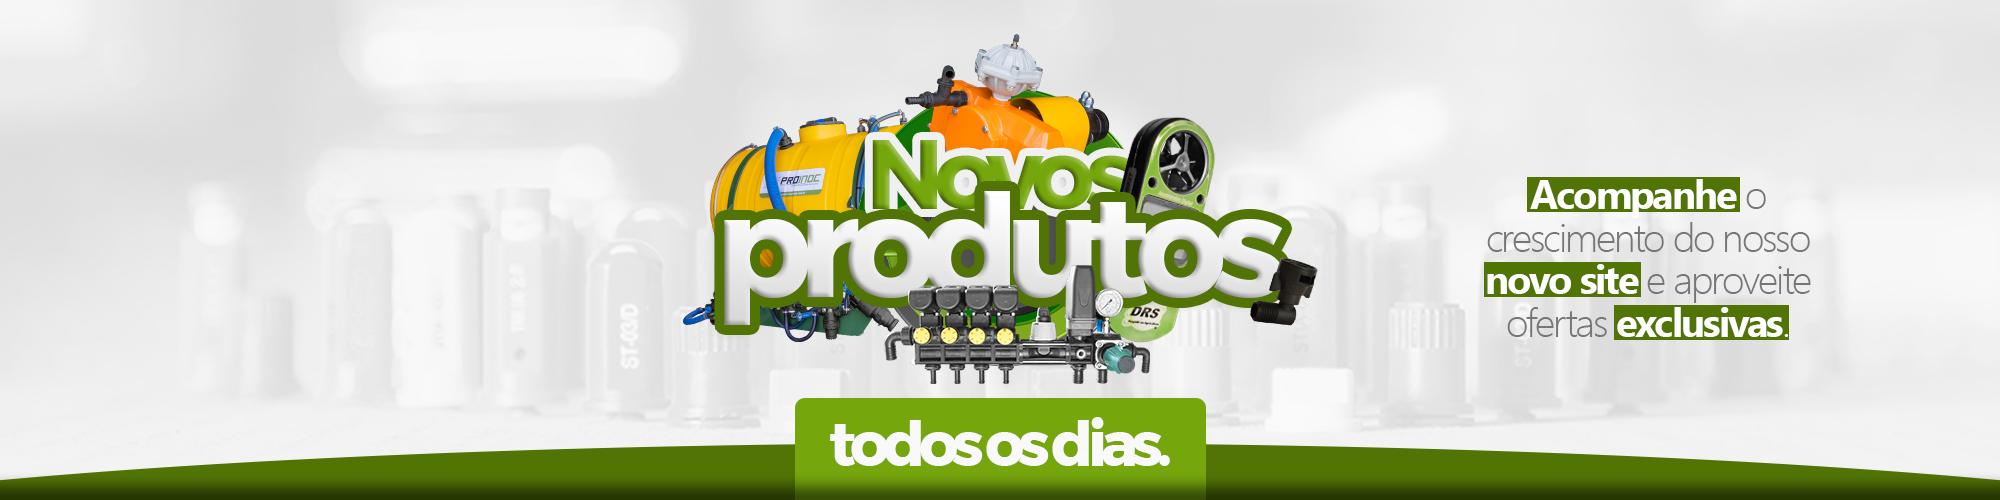 novos_produtos_todos__os_dias